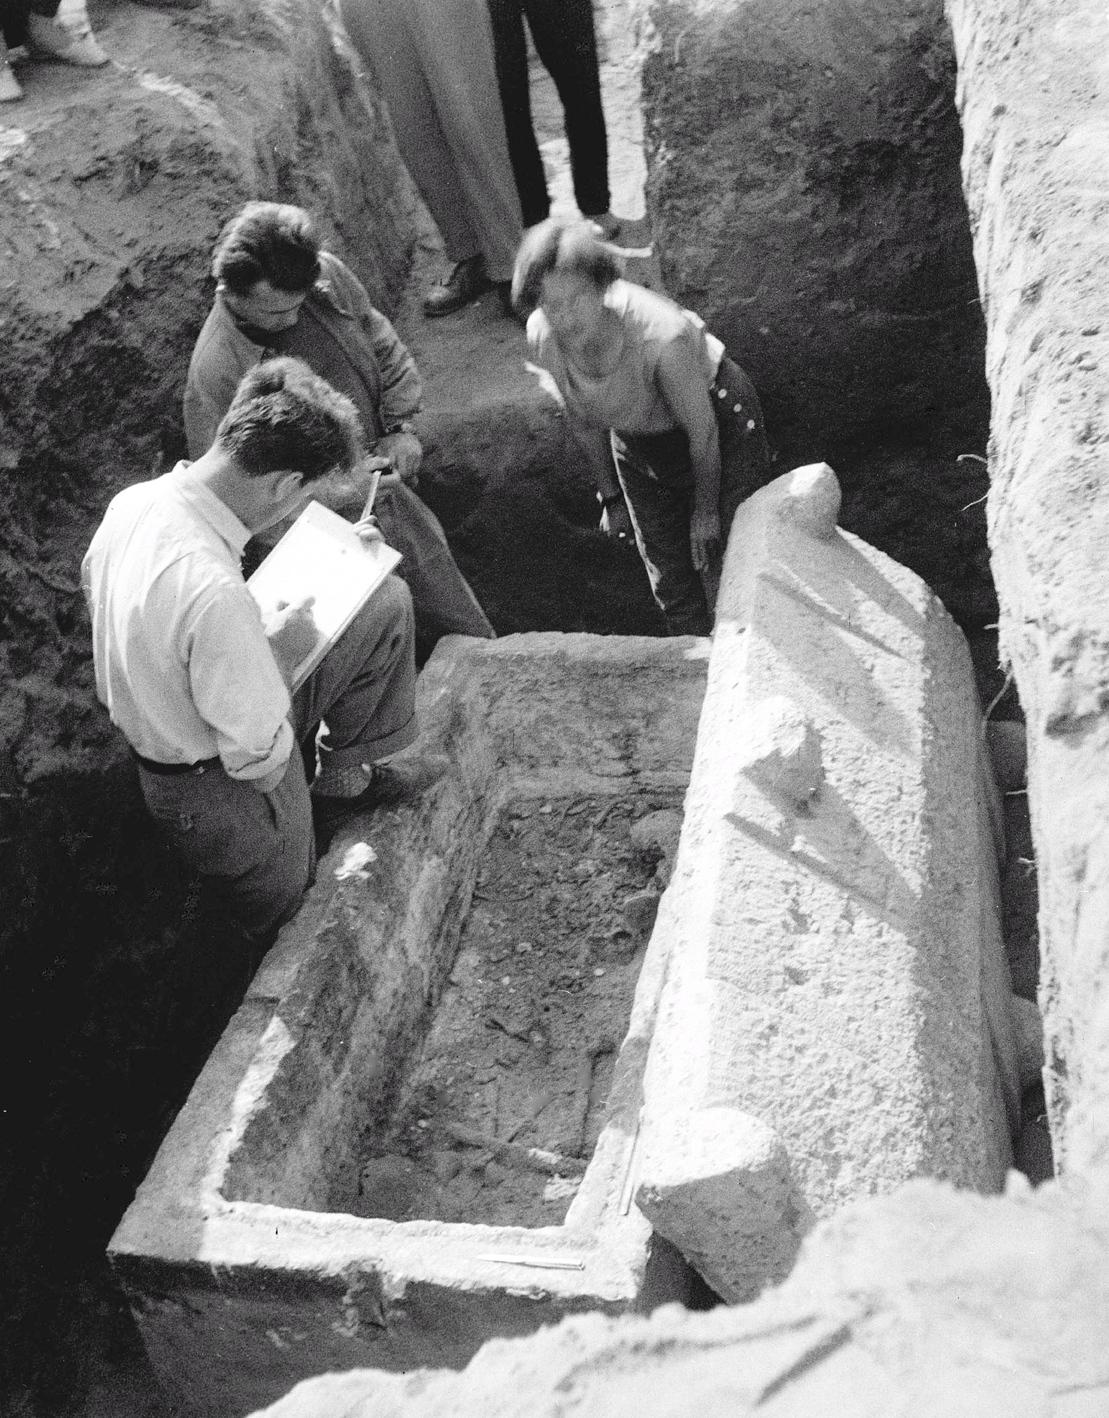 6b564471d2 Római kori szarkofág került napvilágra a dunaújvárosi építkezéseknél.